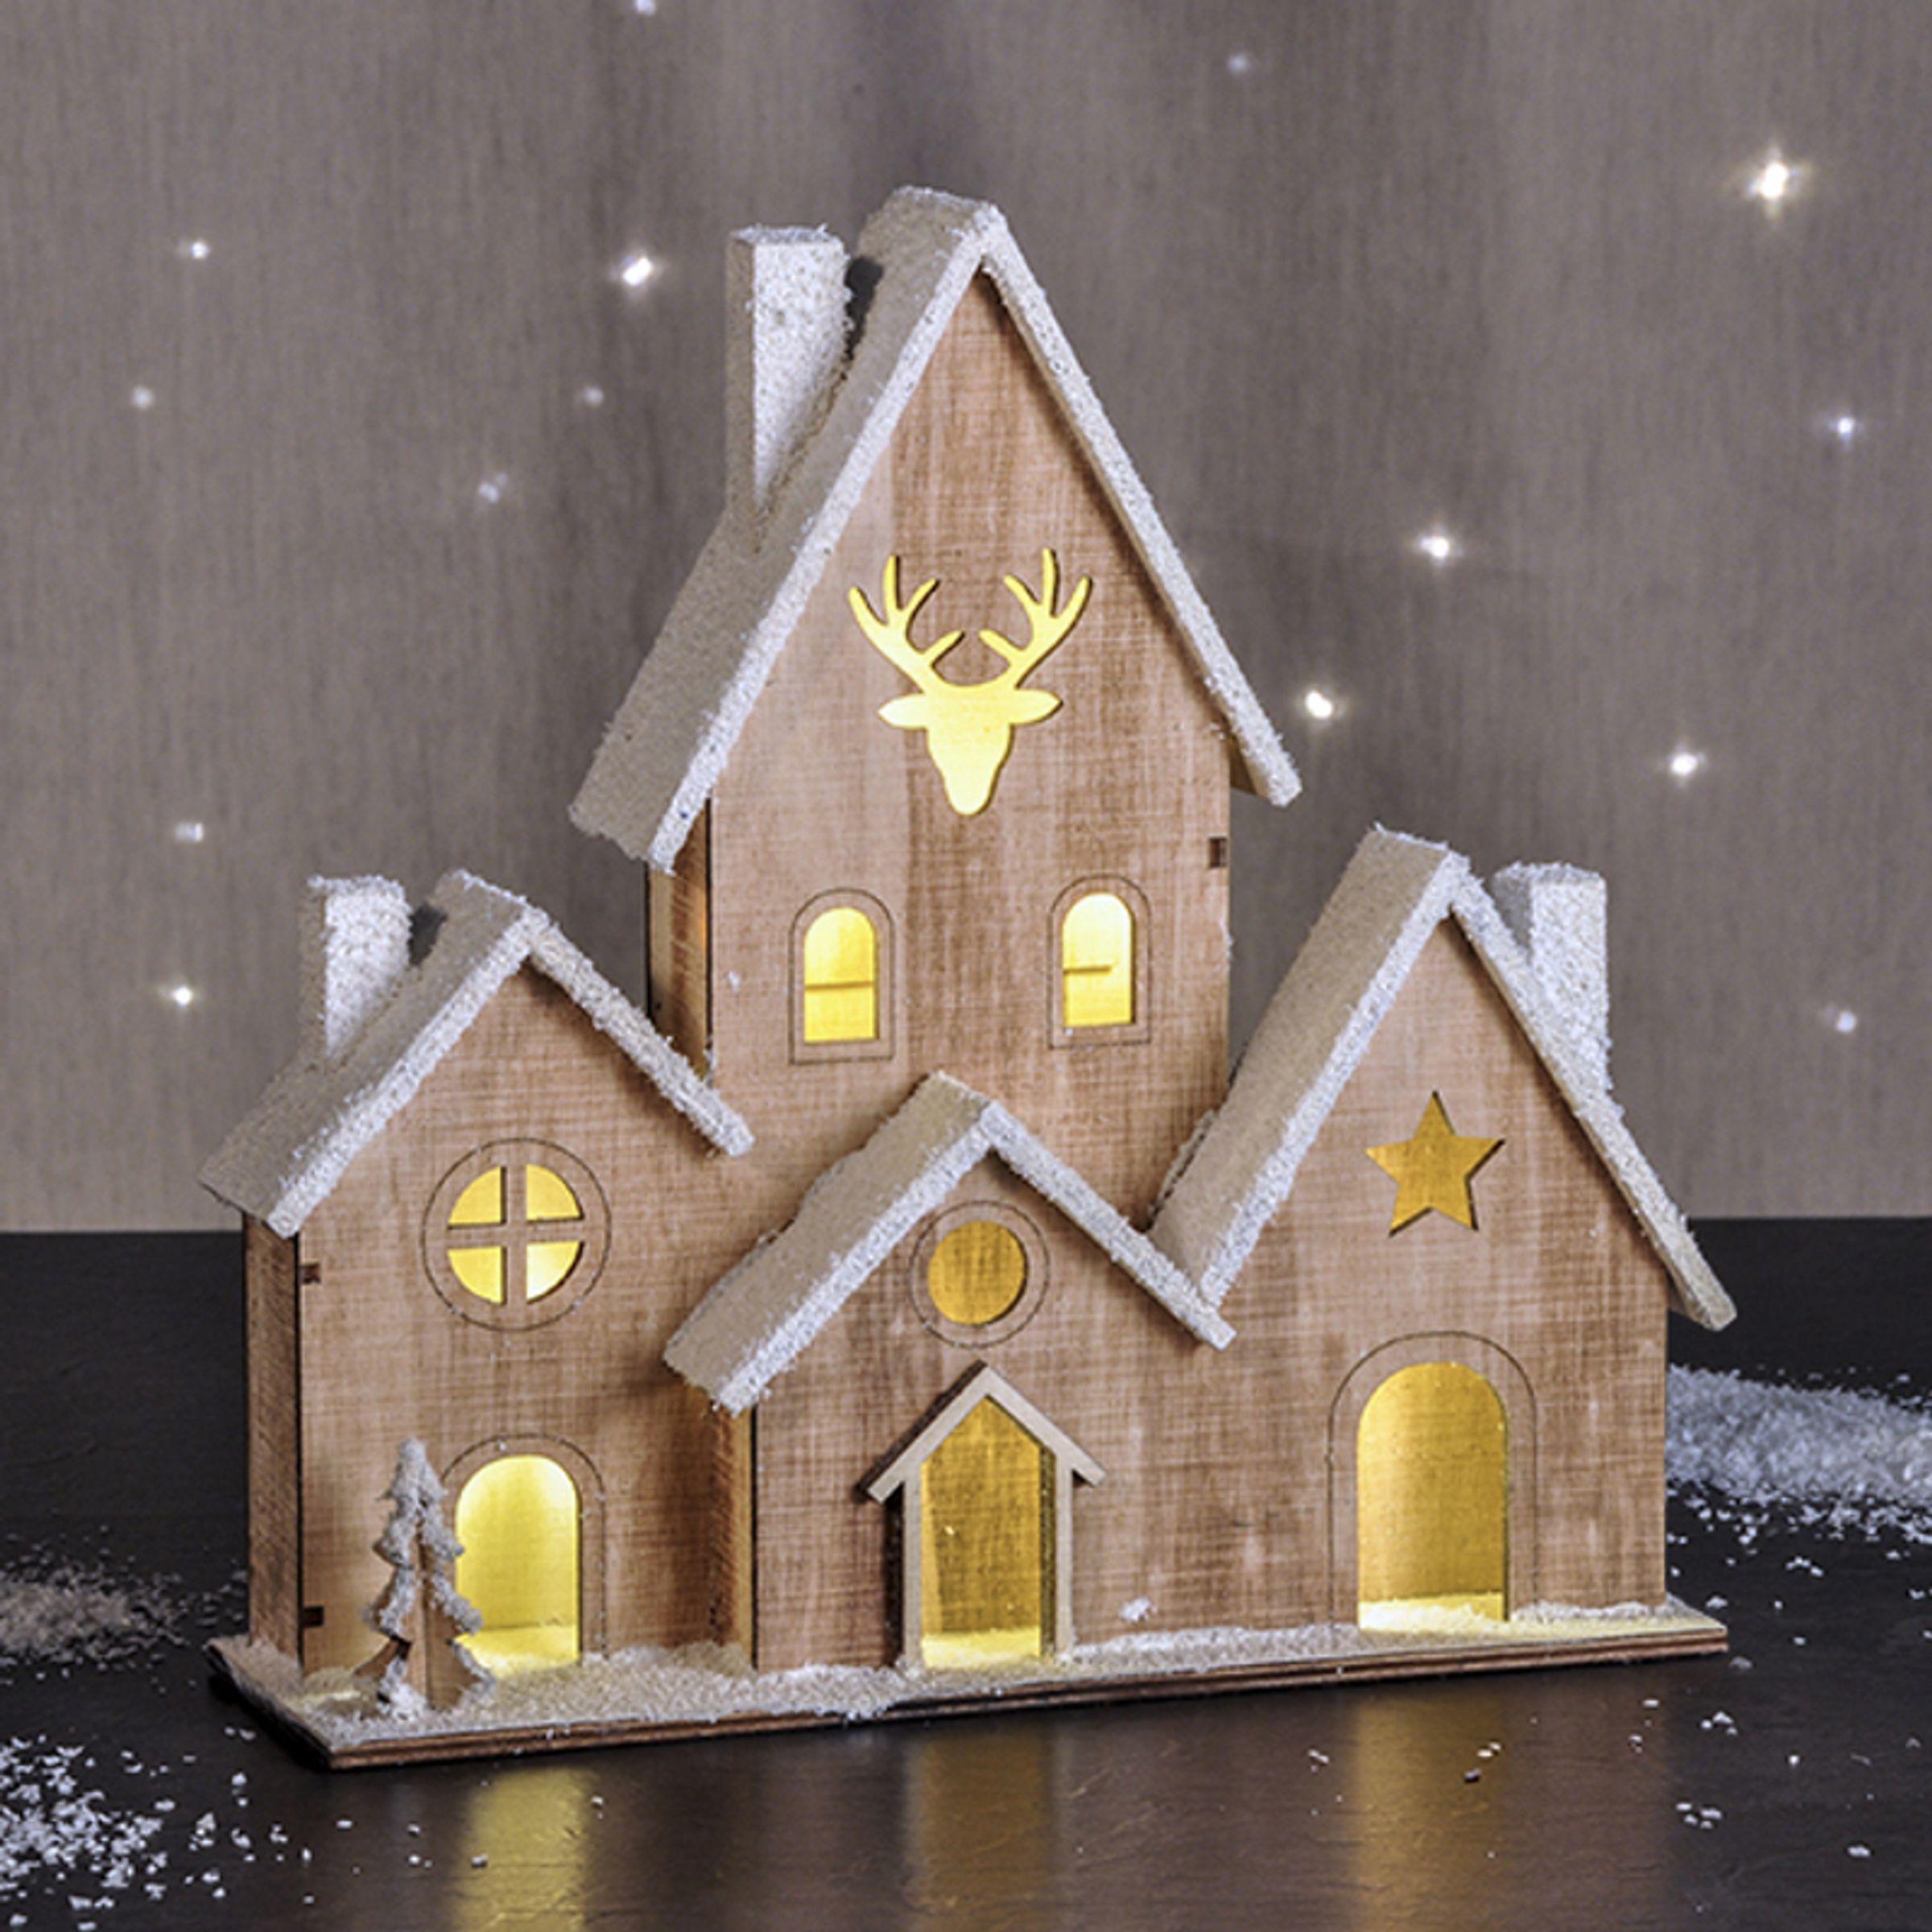 Beleuchtetes Holzhaus Weihnachtshaus Haus Beleuchtet Deko